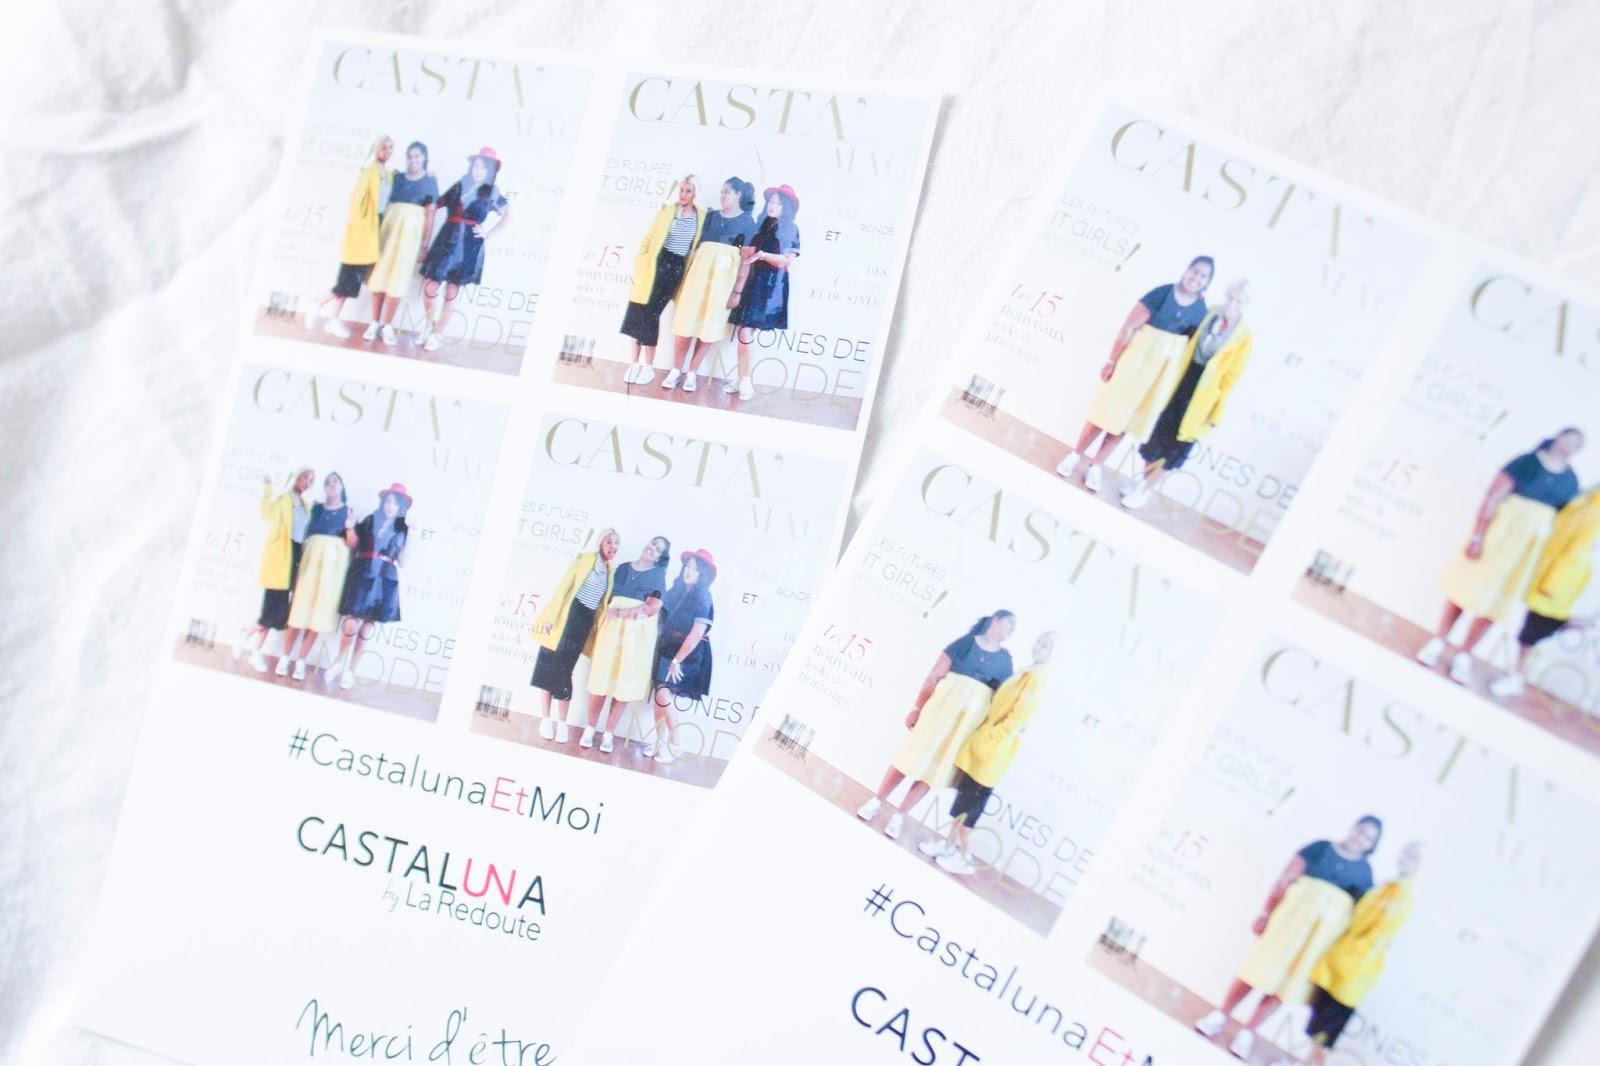 Pressday Castaluna